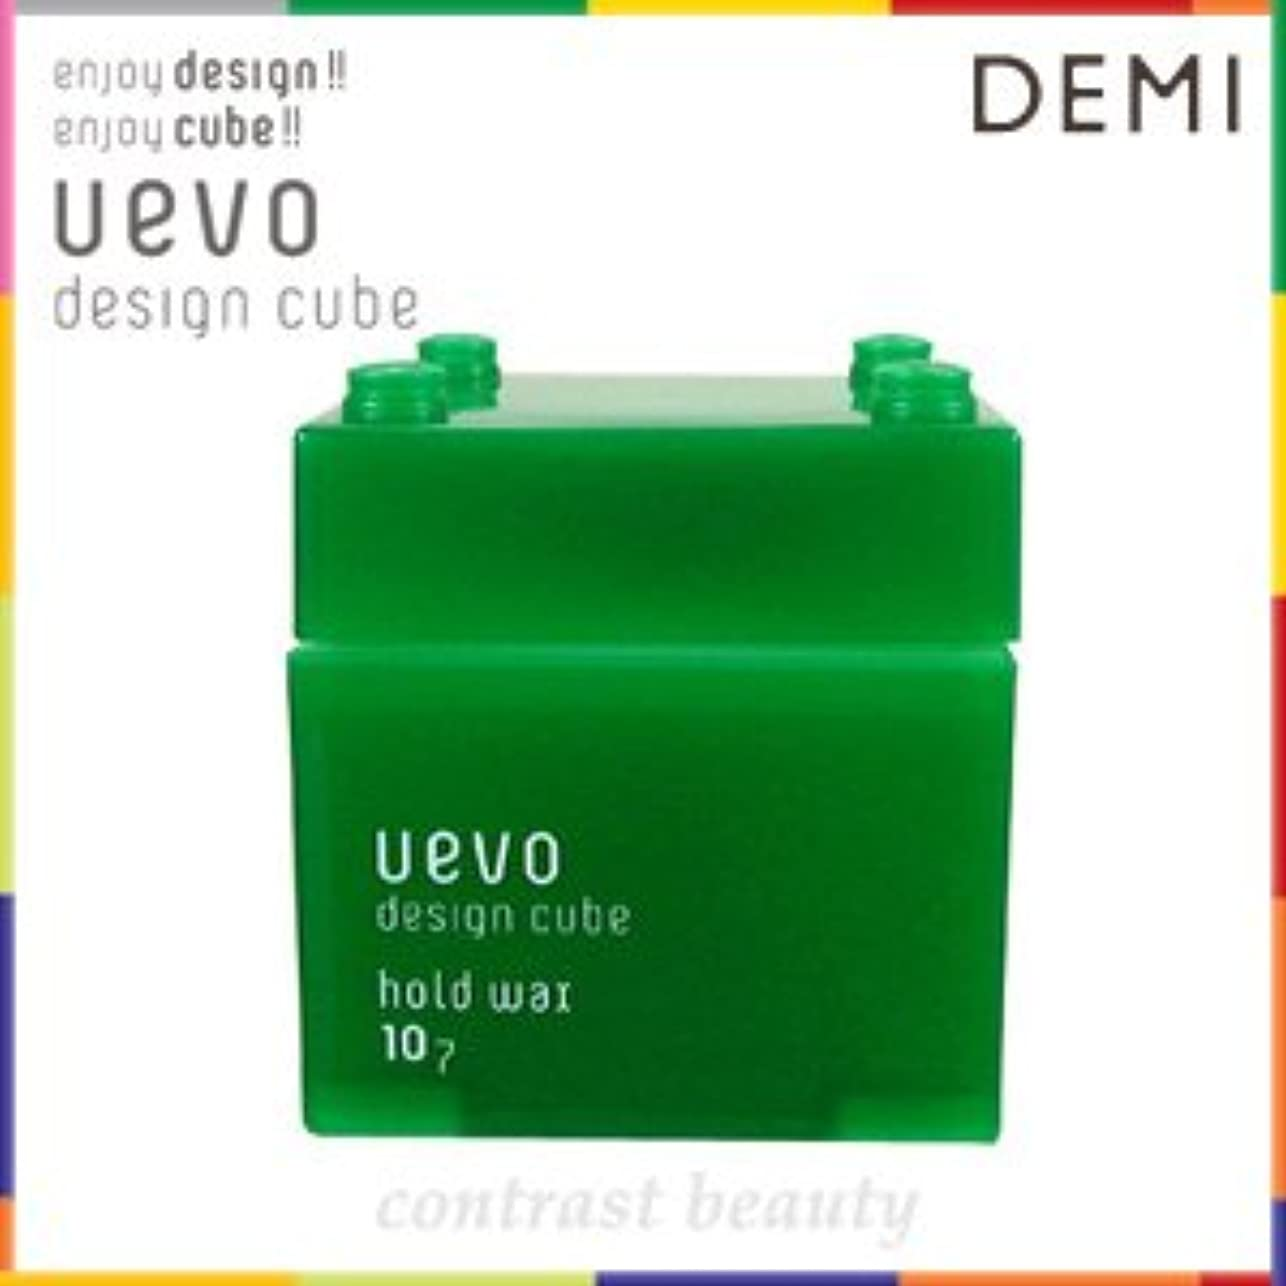 導入するリボンパレード【X3個セット】 デミ ウェーボ デザインキューブ ホールドワックス 80g hold wax DEMI uevo design cube